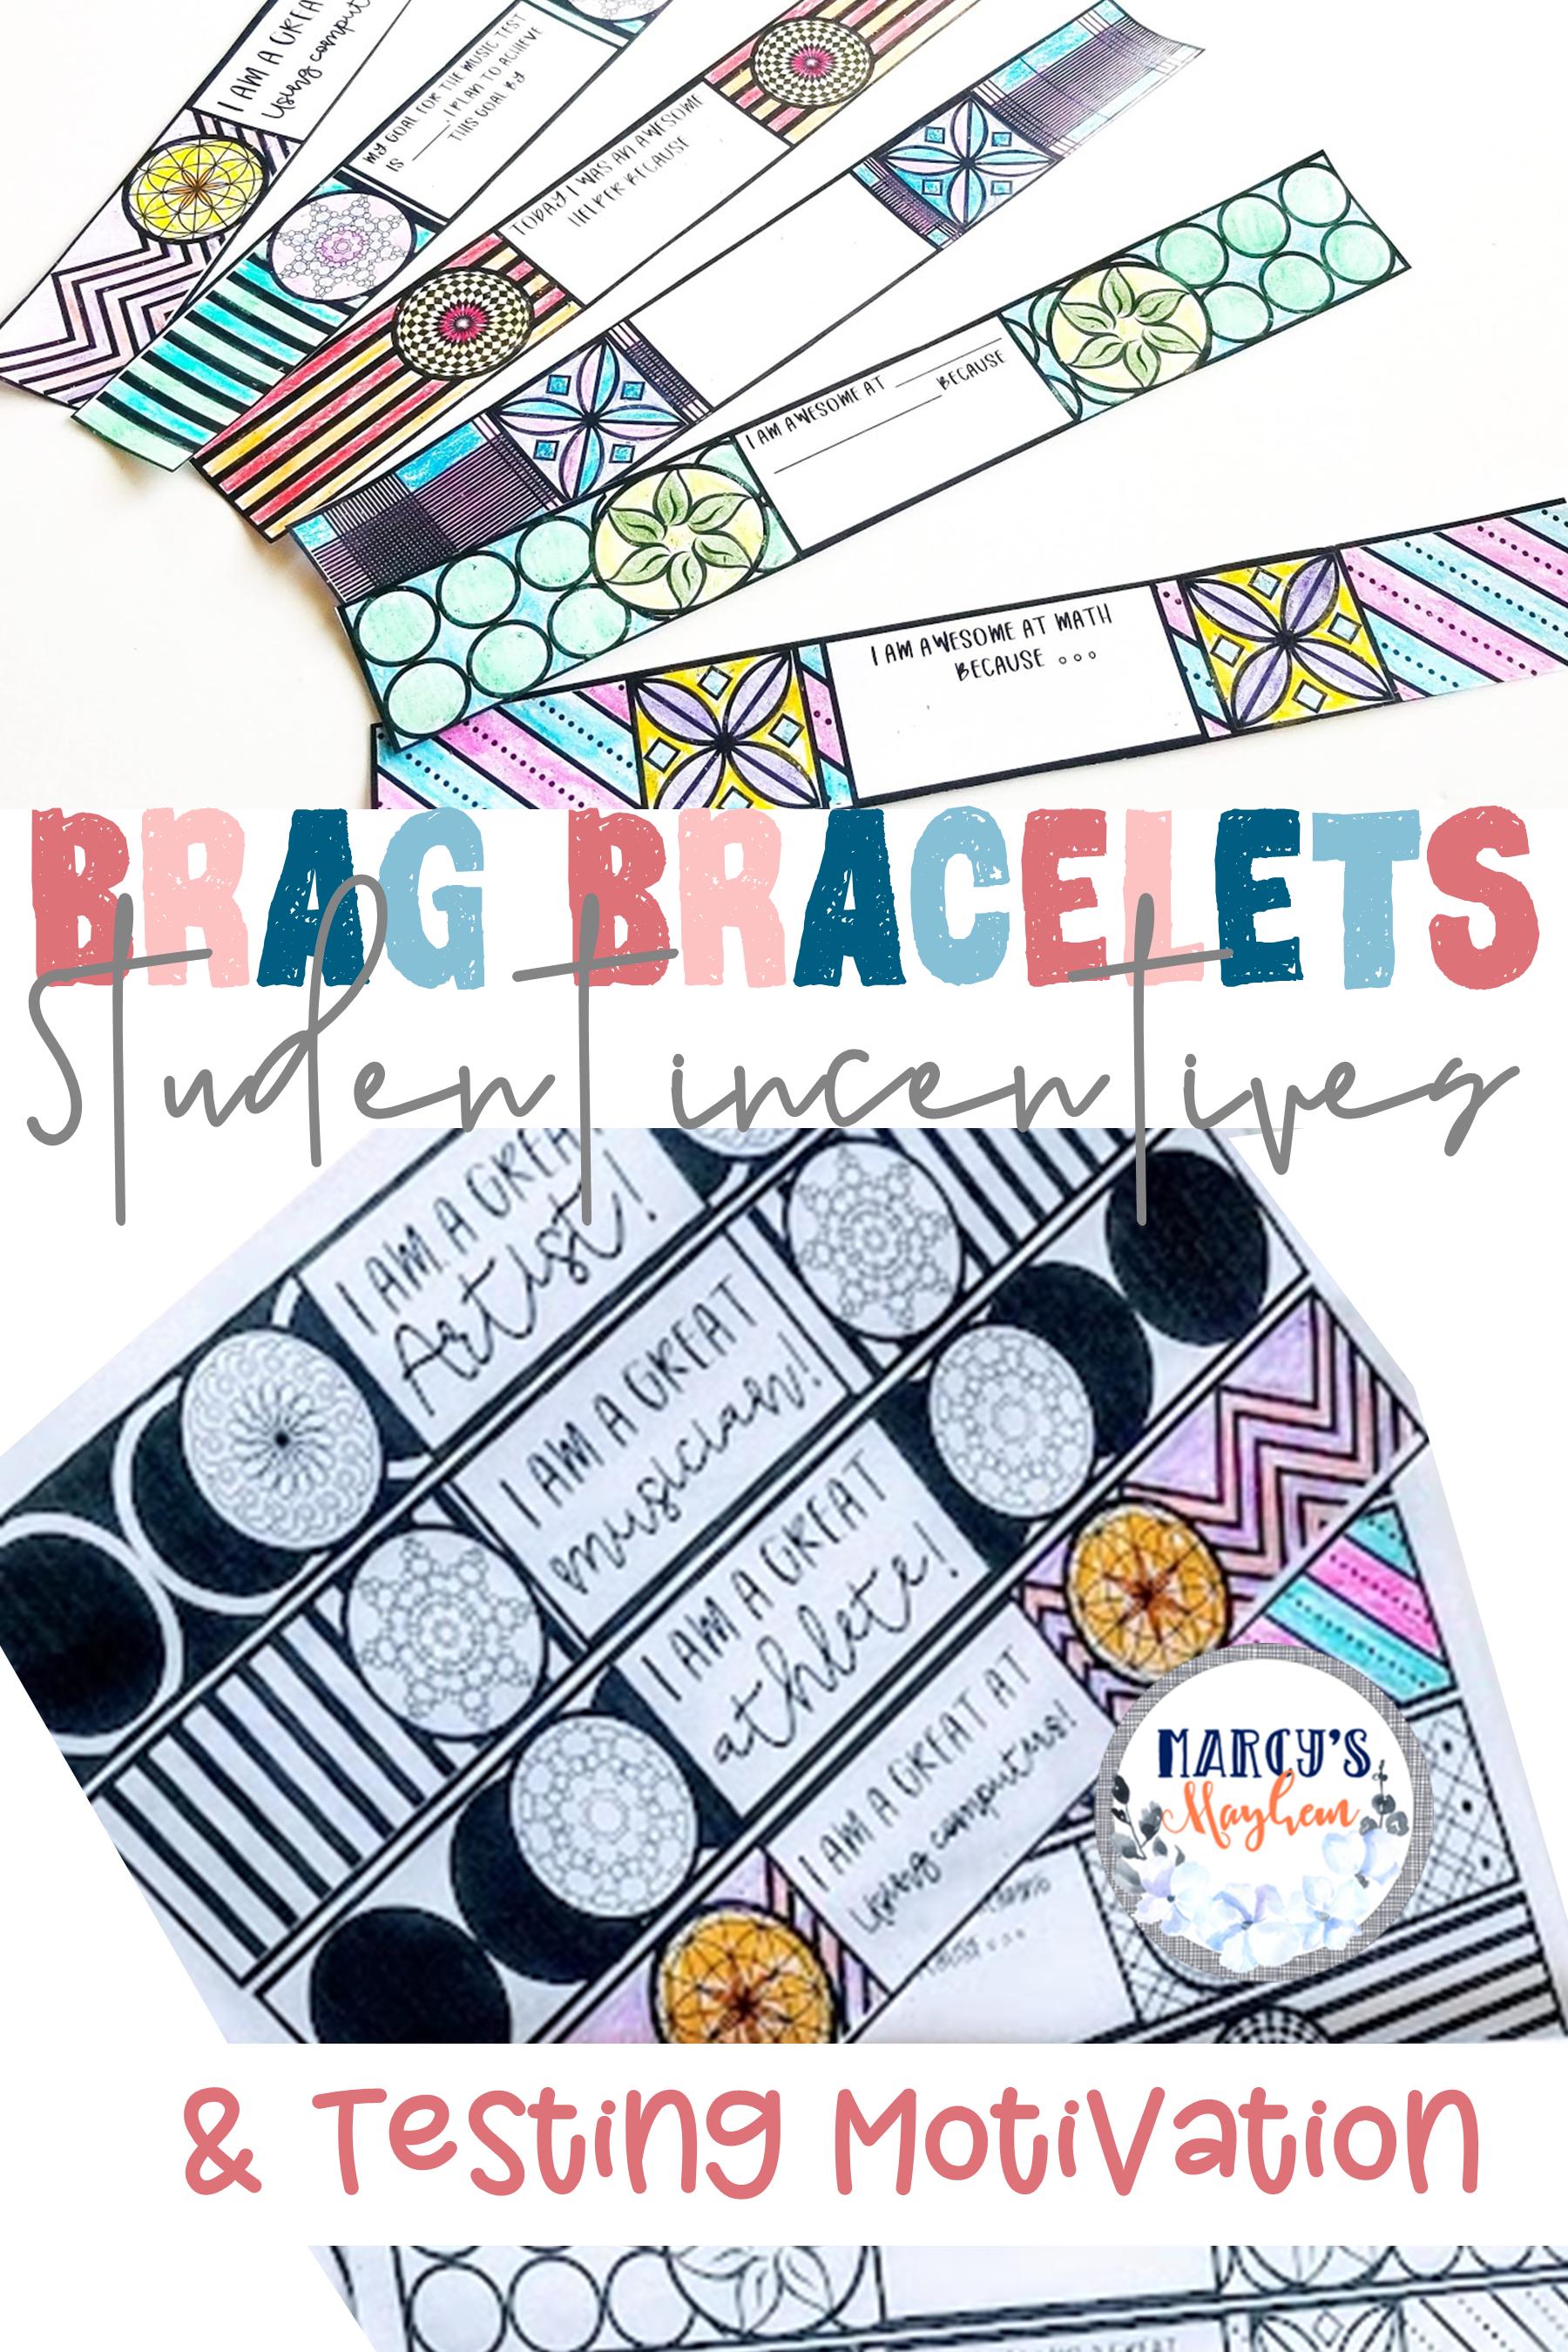 Brag Tag Bracelets